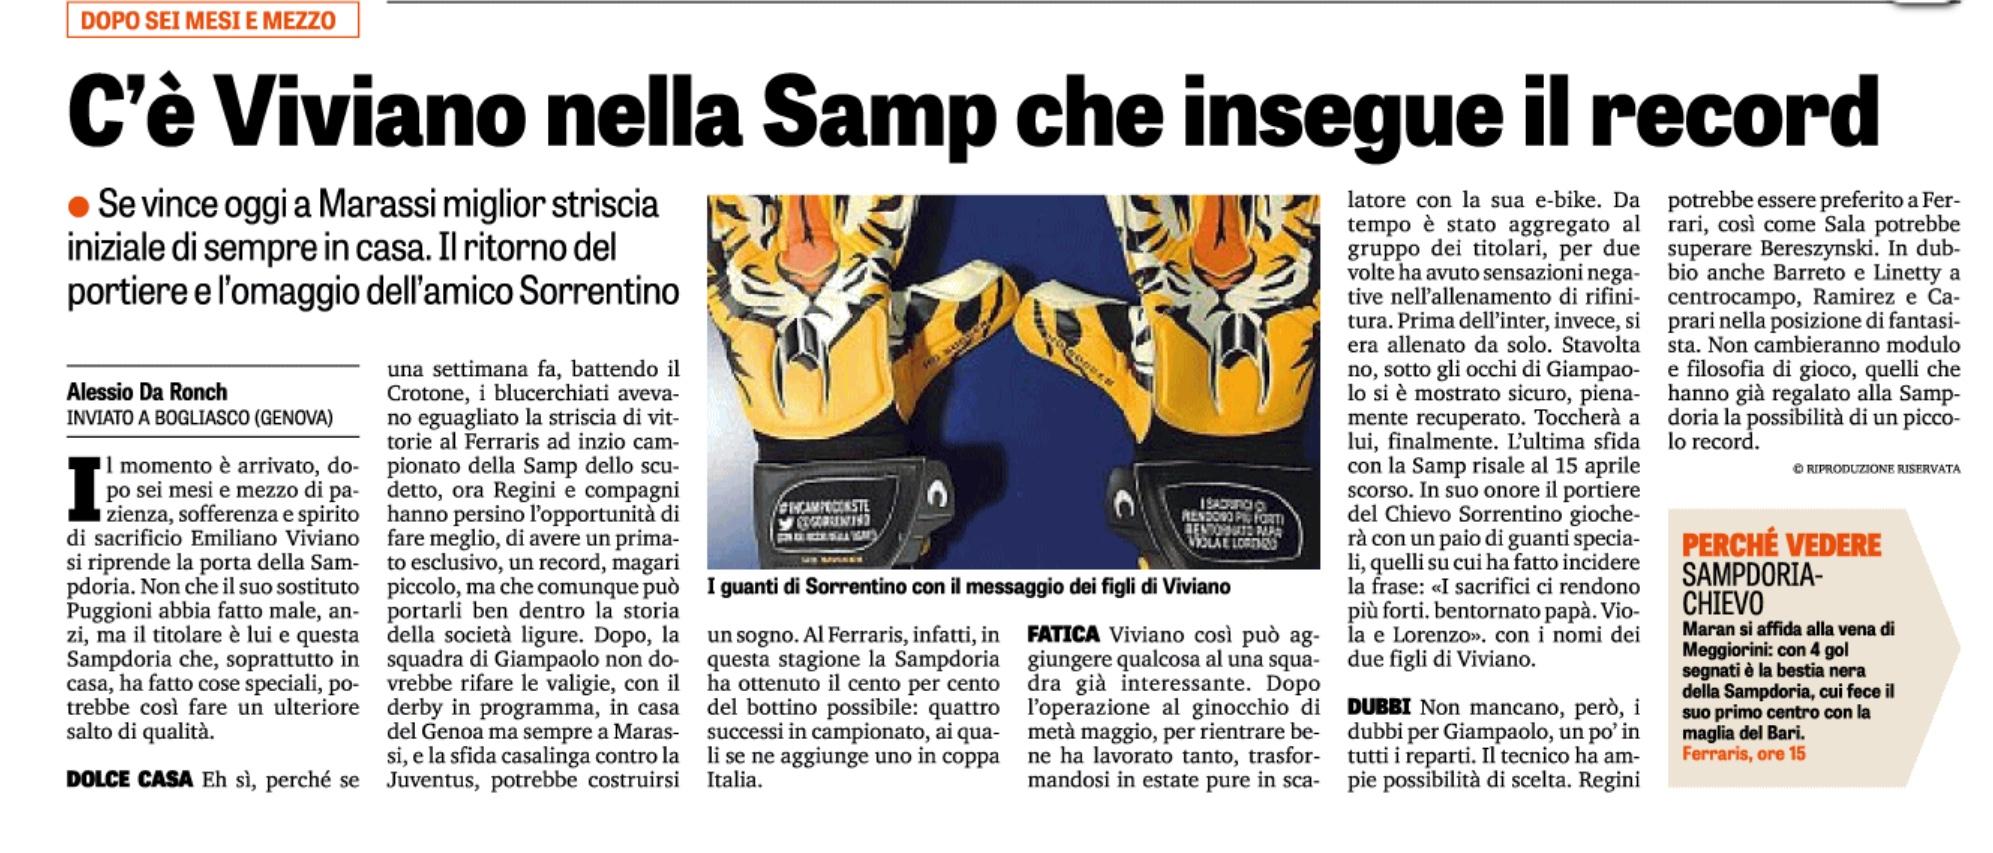 I guanti speciali di Stefano Sorrentino sulla Gazzetta dello Sport.